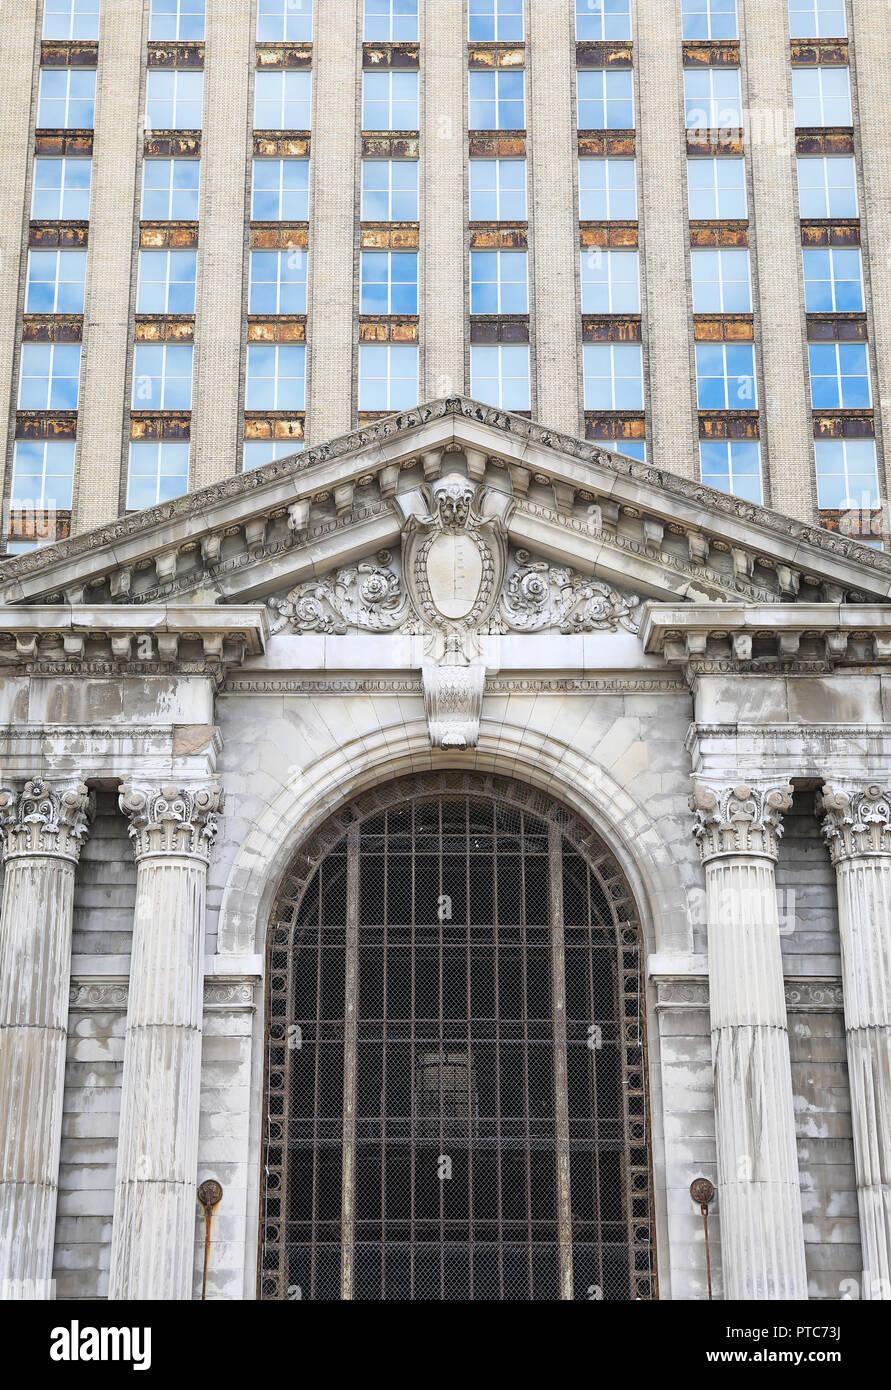 Die historische Michigan Central Station, 1988 geschlossen, und jetzt durch die Ford Motor Company für Restaurierung, in Corktown gekauft, in Detroit, Michigan, USA Stockbild